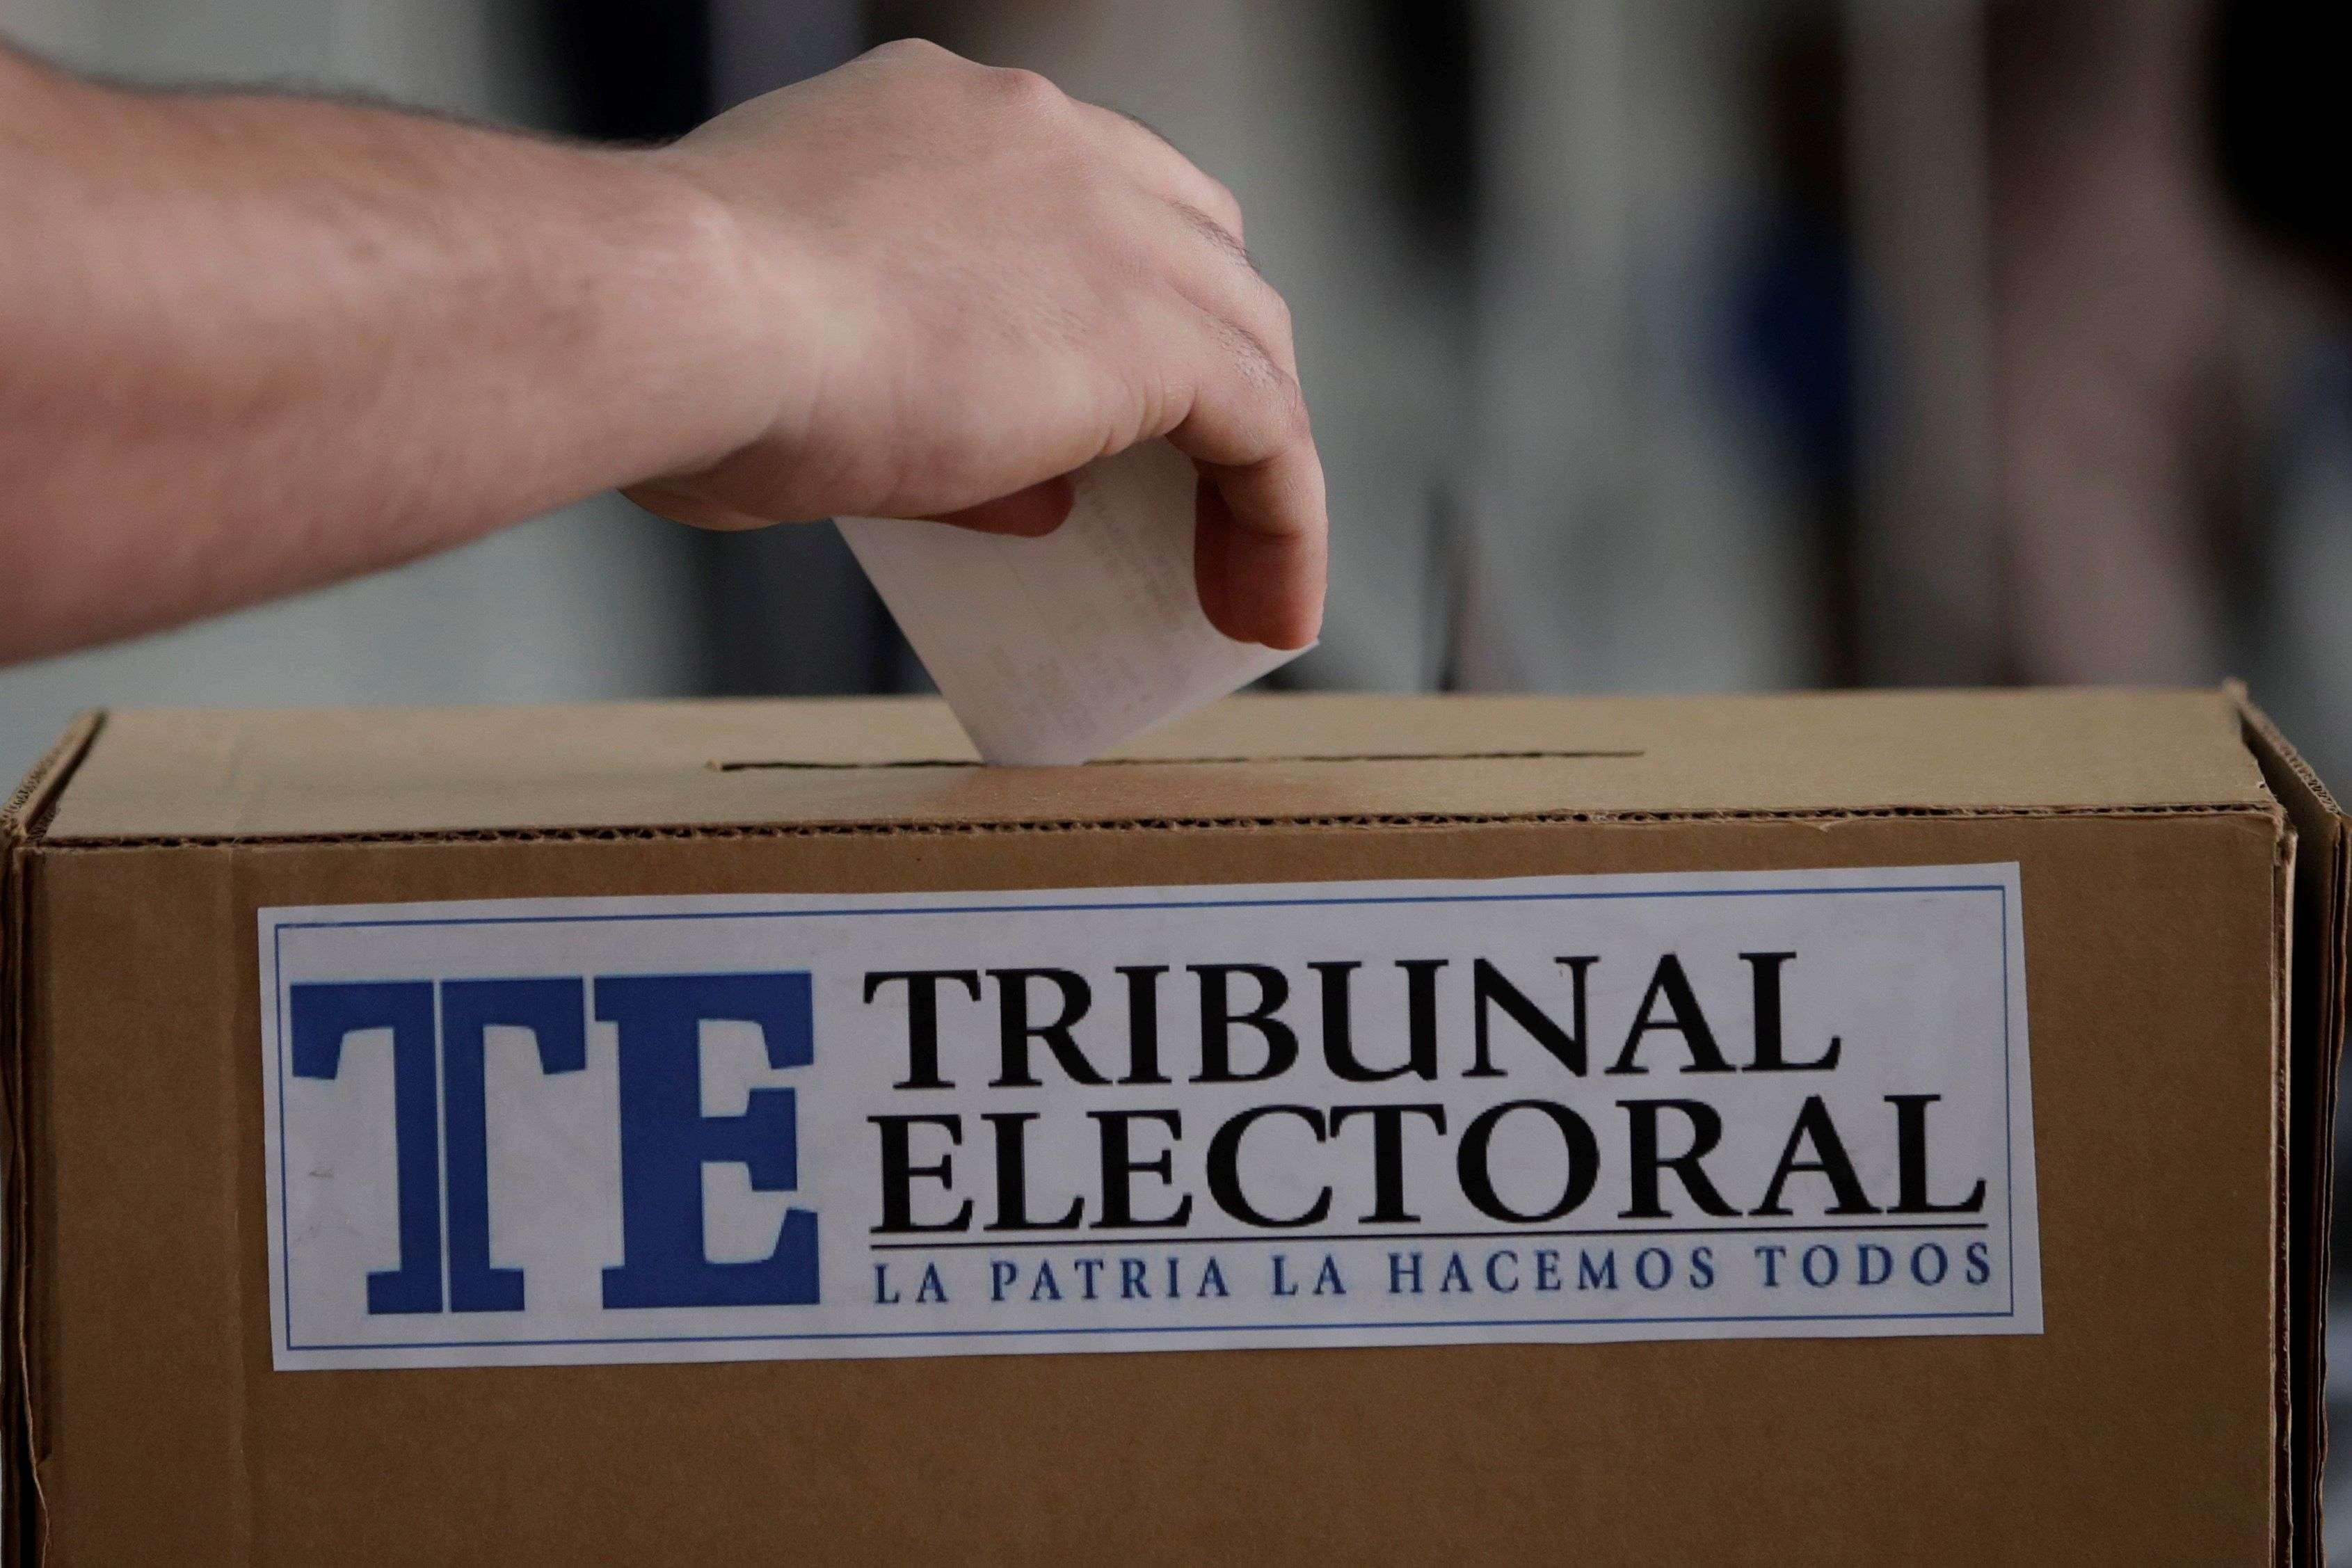 Un hombre participa de un simulacro de voto electrónico este viernes en el centro de convenciones ATLAPA en ciudad de Panamá.